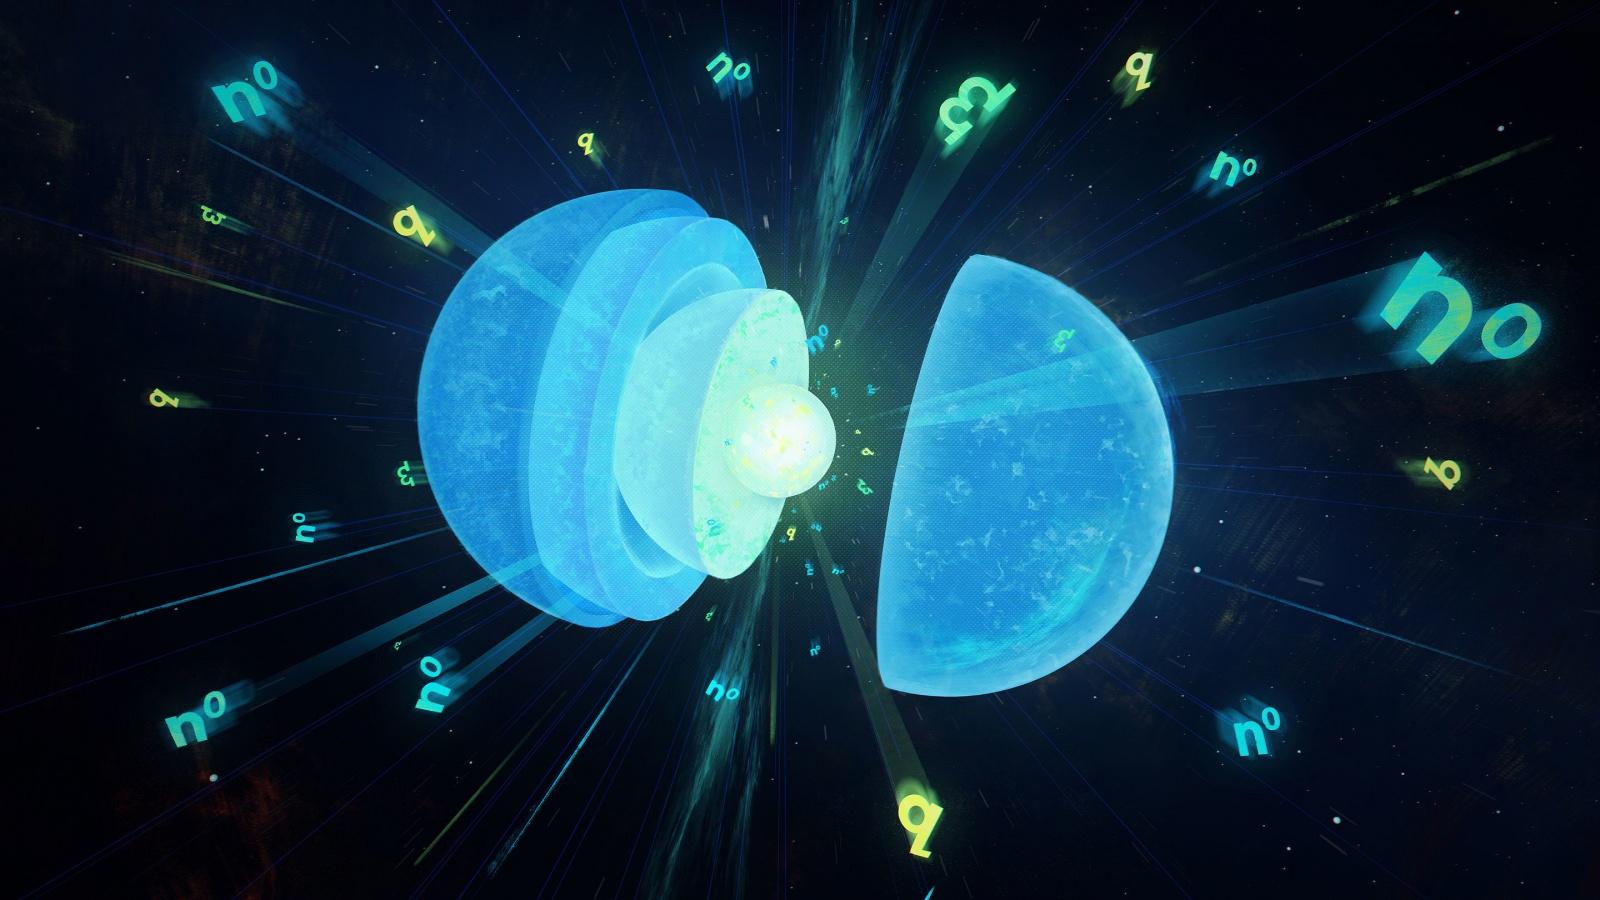 Мягкая или твёрдая? Спор о том, что находится внутри нейтронной звезды - 1